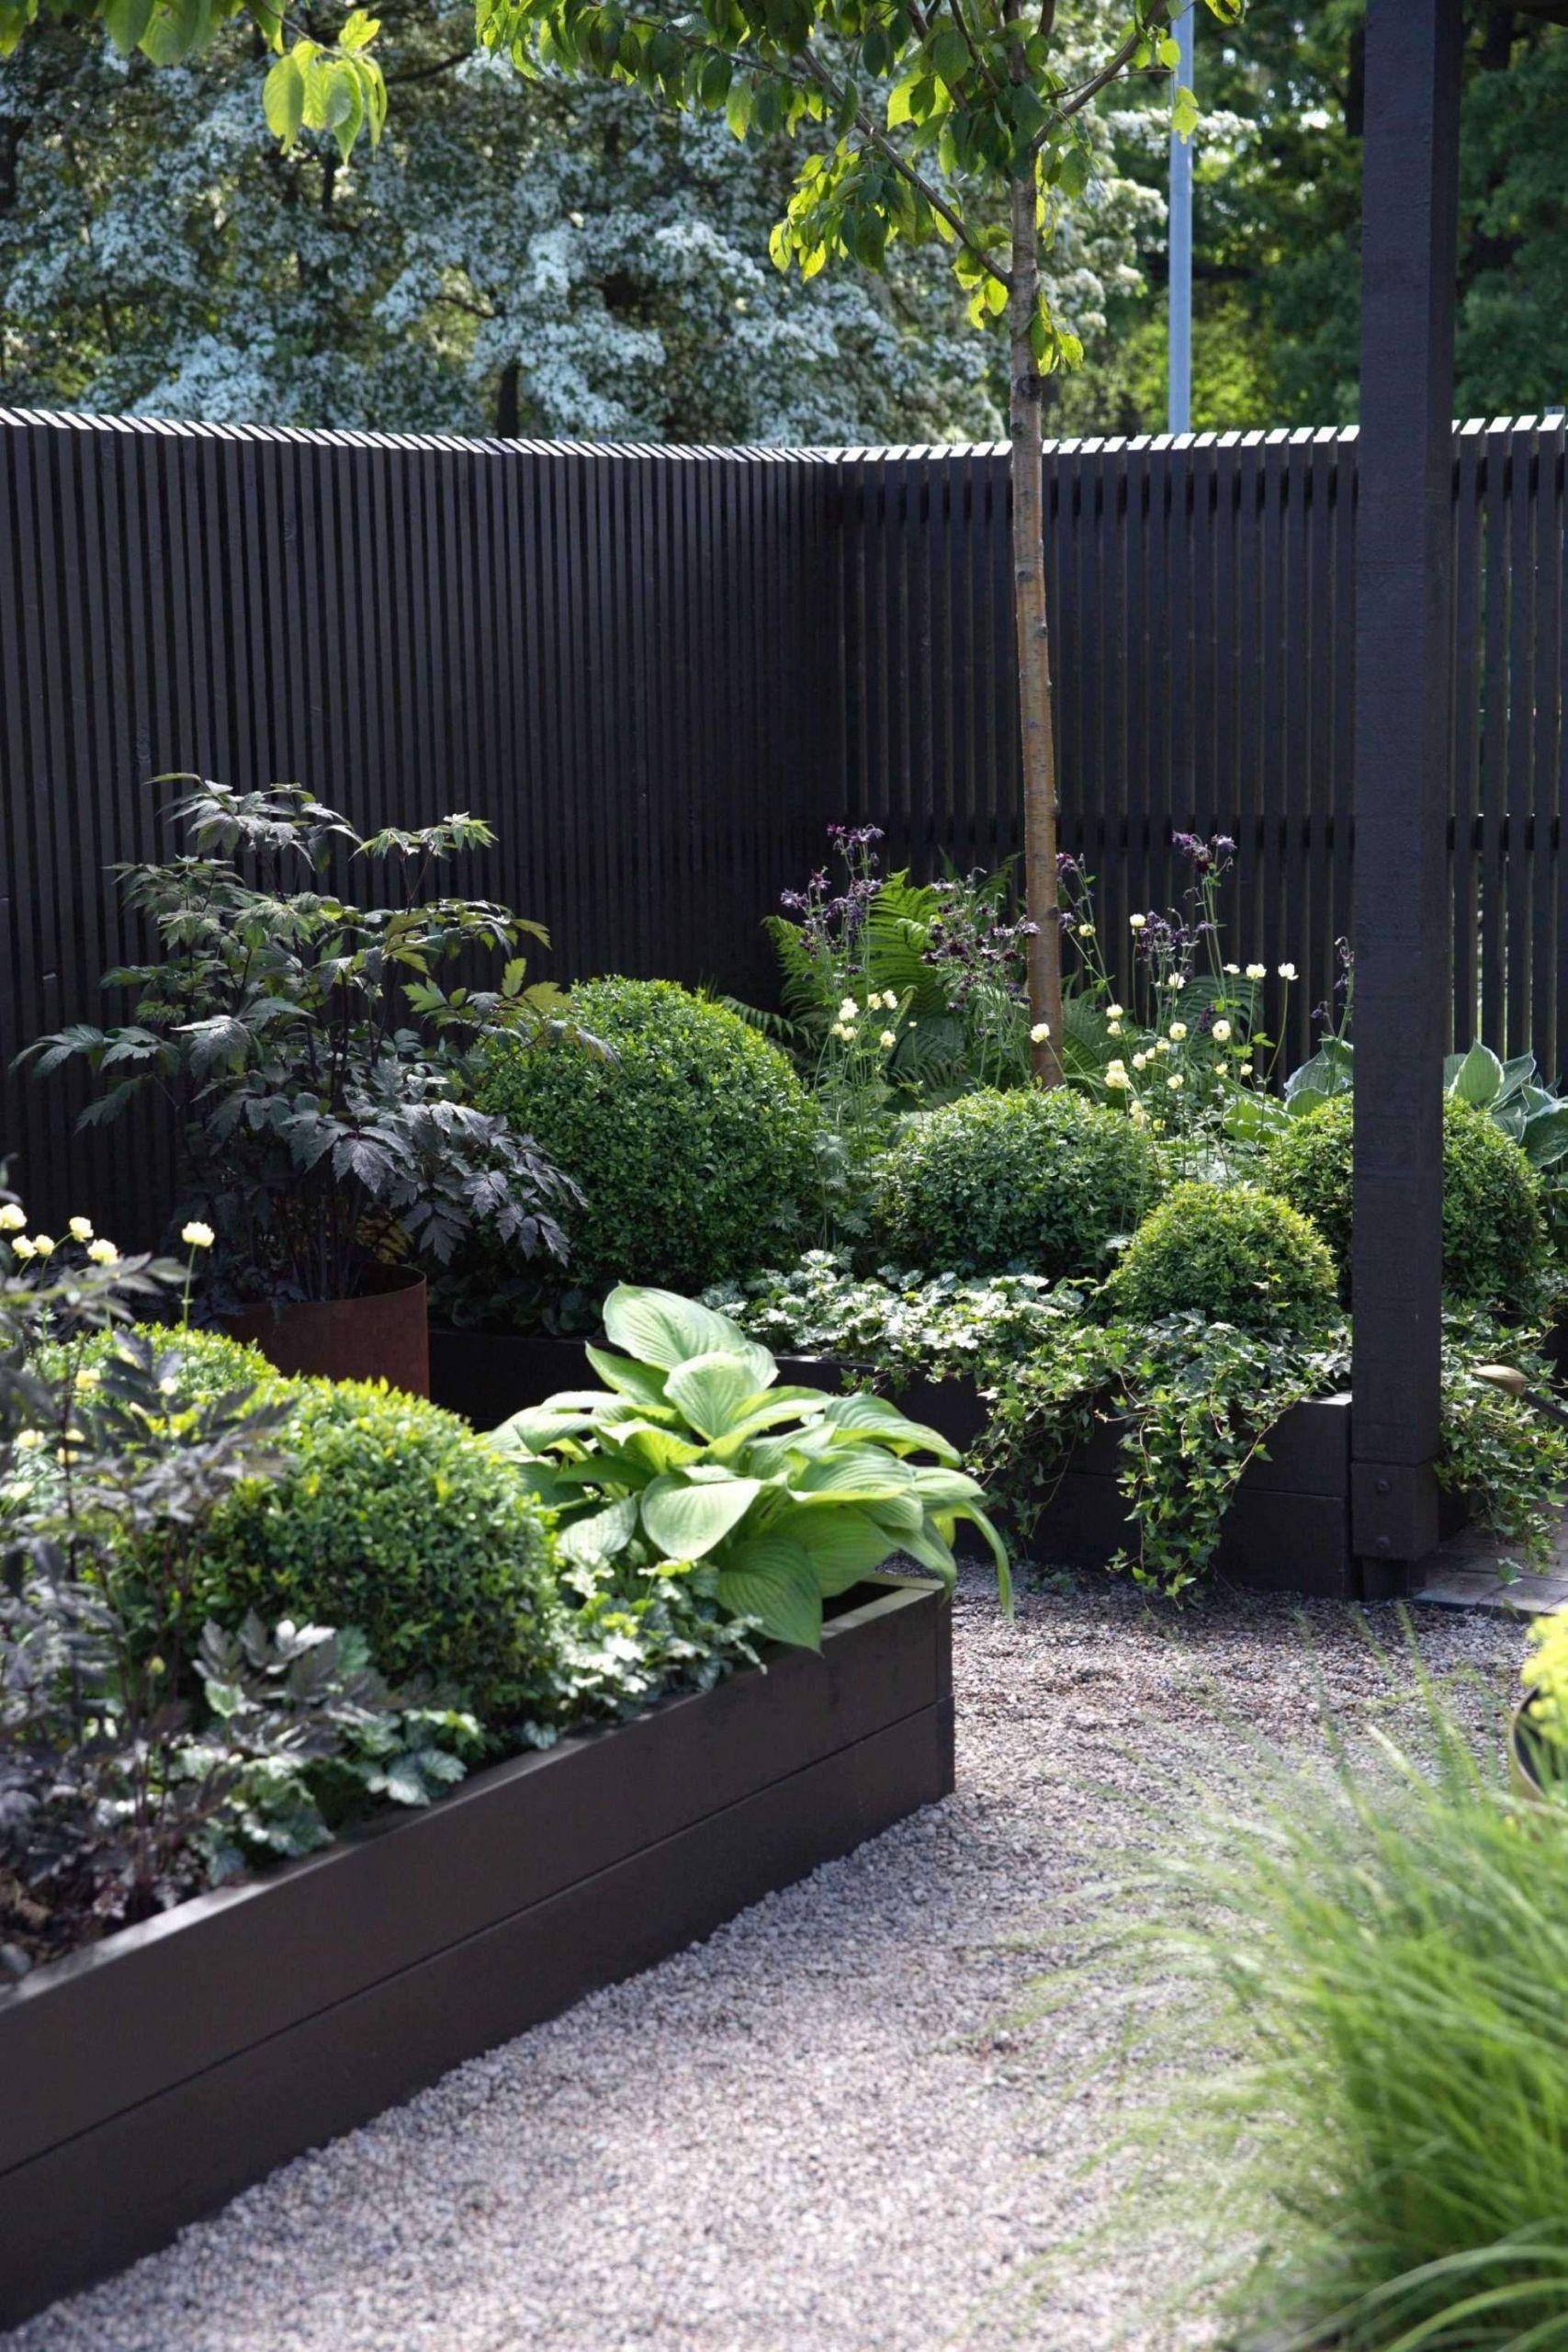 Torbogen Garten Schön Spiegel Im Garten — Temobardz Home Blog